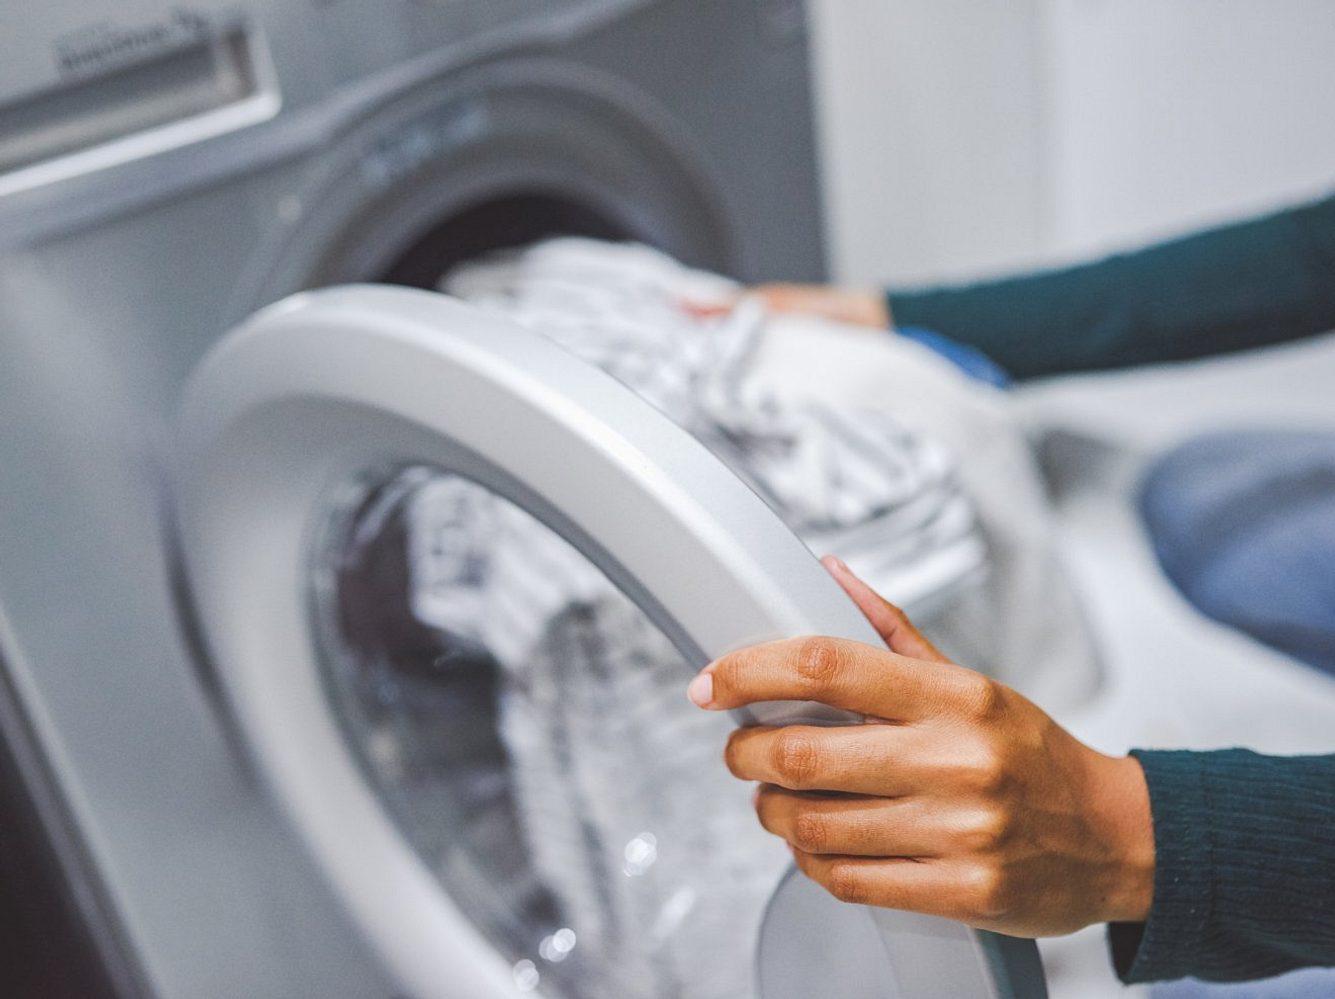 Wäsche verfängt sich in Waschmaschine: Das kannst du tun